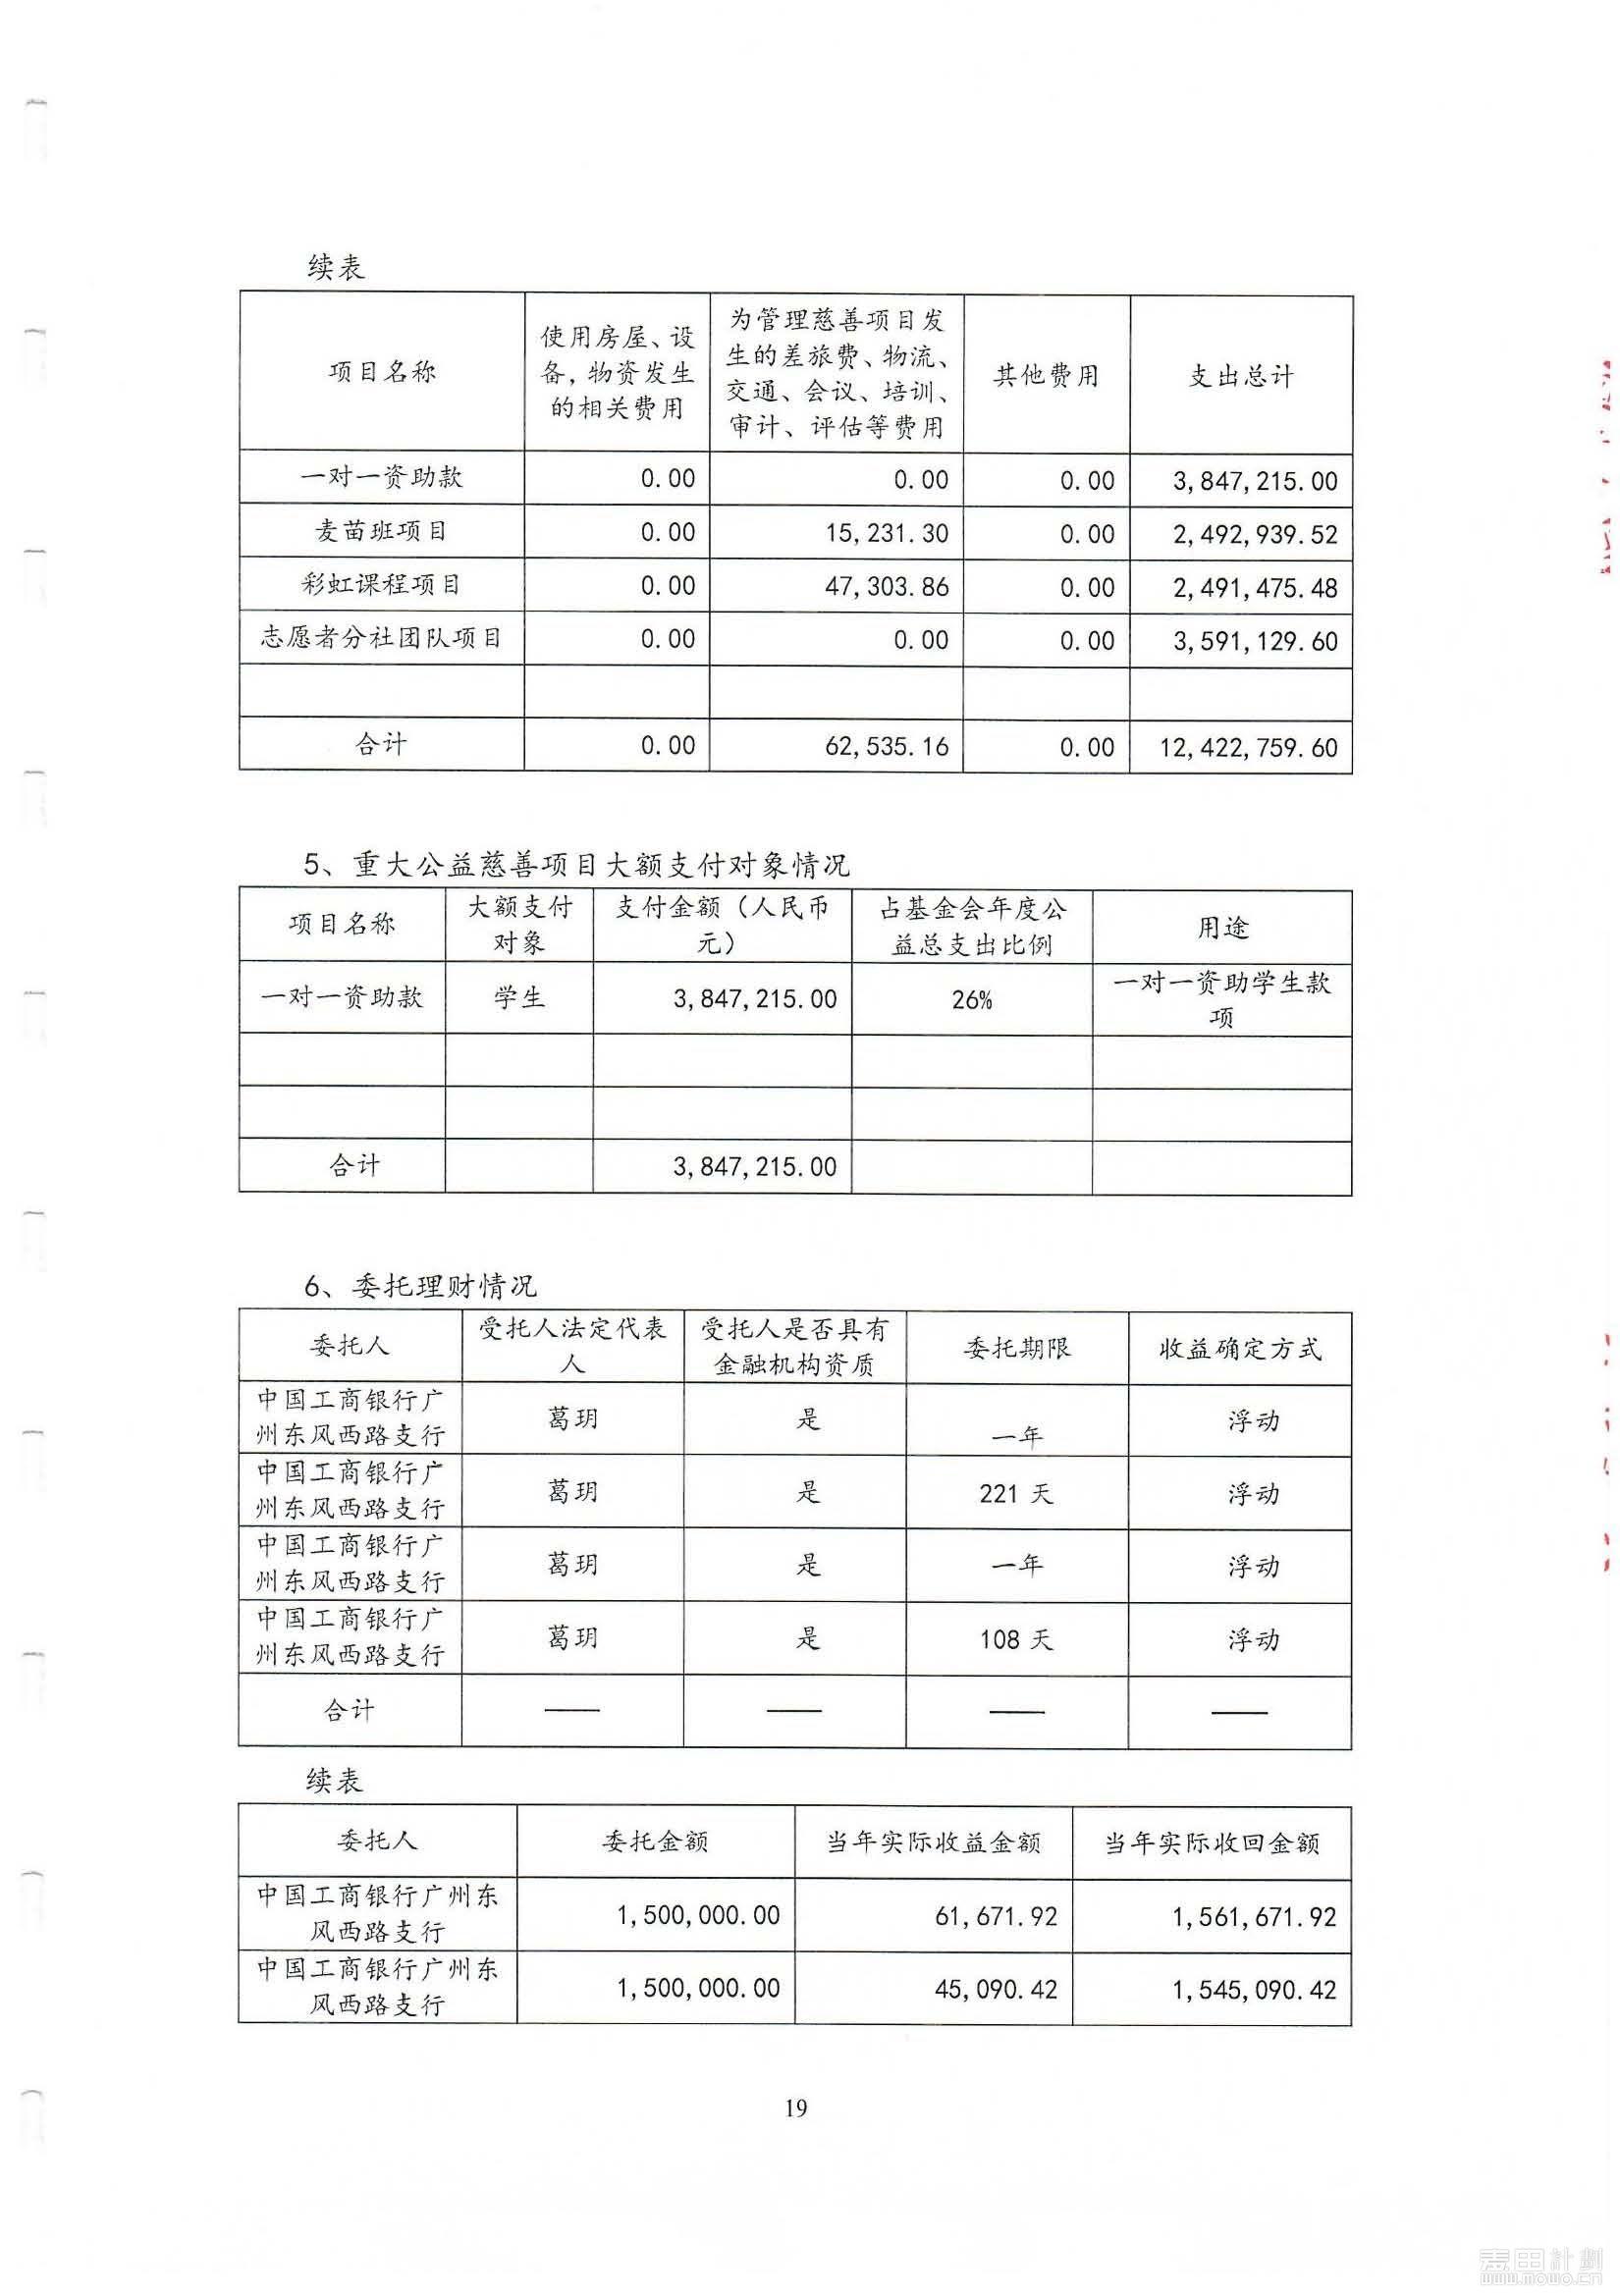 2018年麦田审计报告_页面_21.jpg